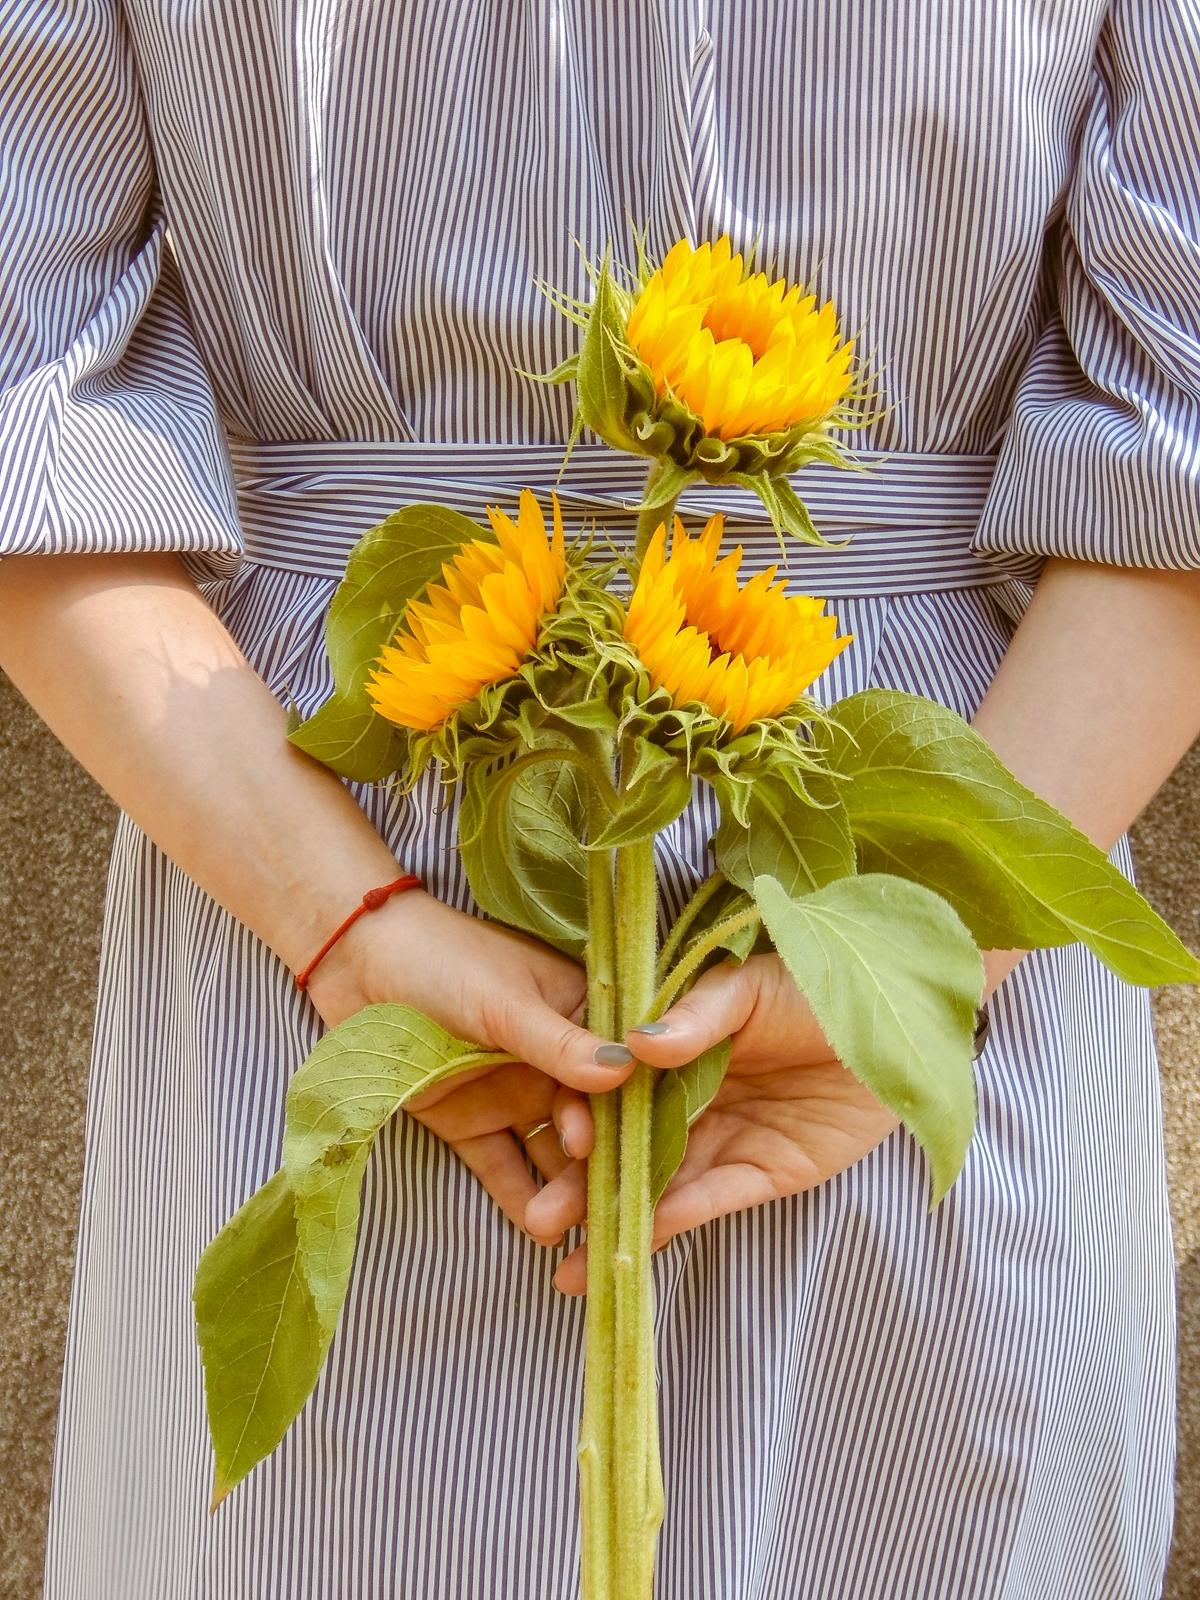 8 najpiękniejsze kwiaty do zdjęć letnia stylizacja jak nosić sukienki z czym nosić sukienki melodylaniella lifestyle blog łódź polska